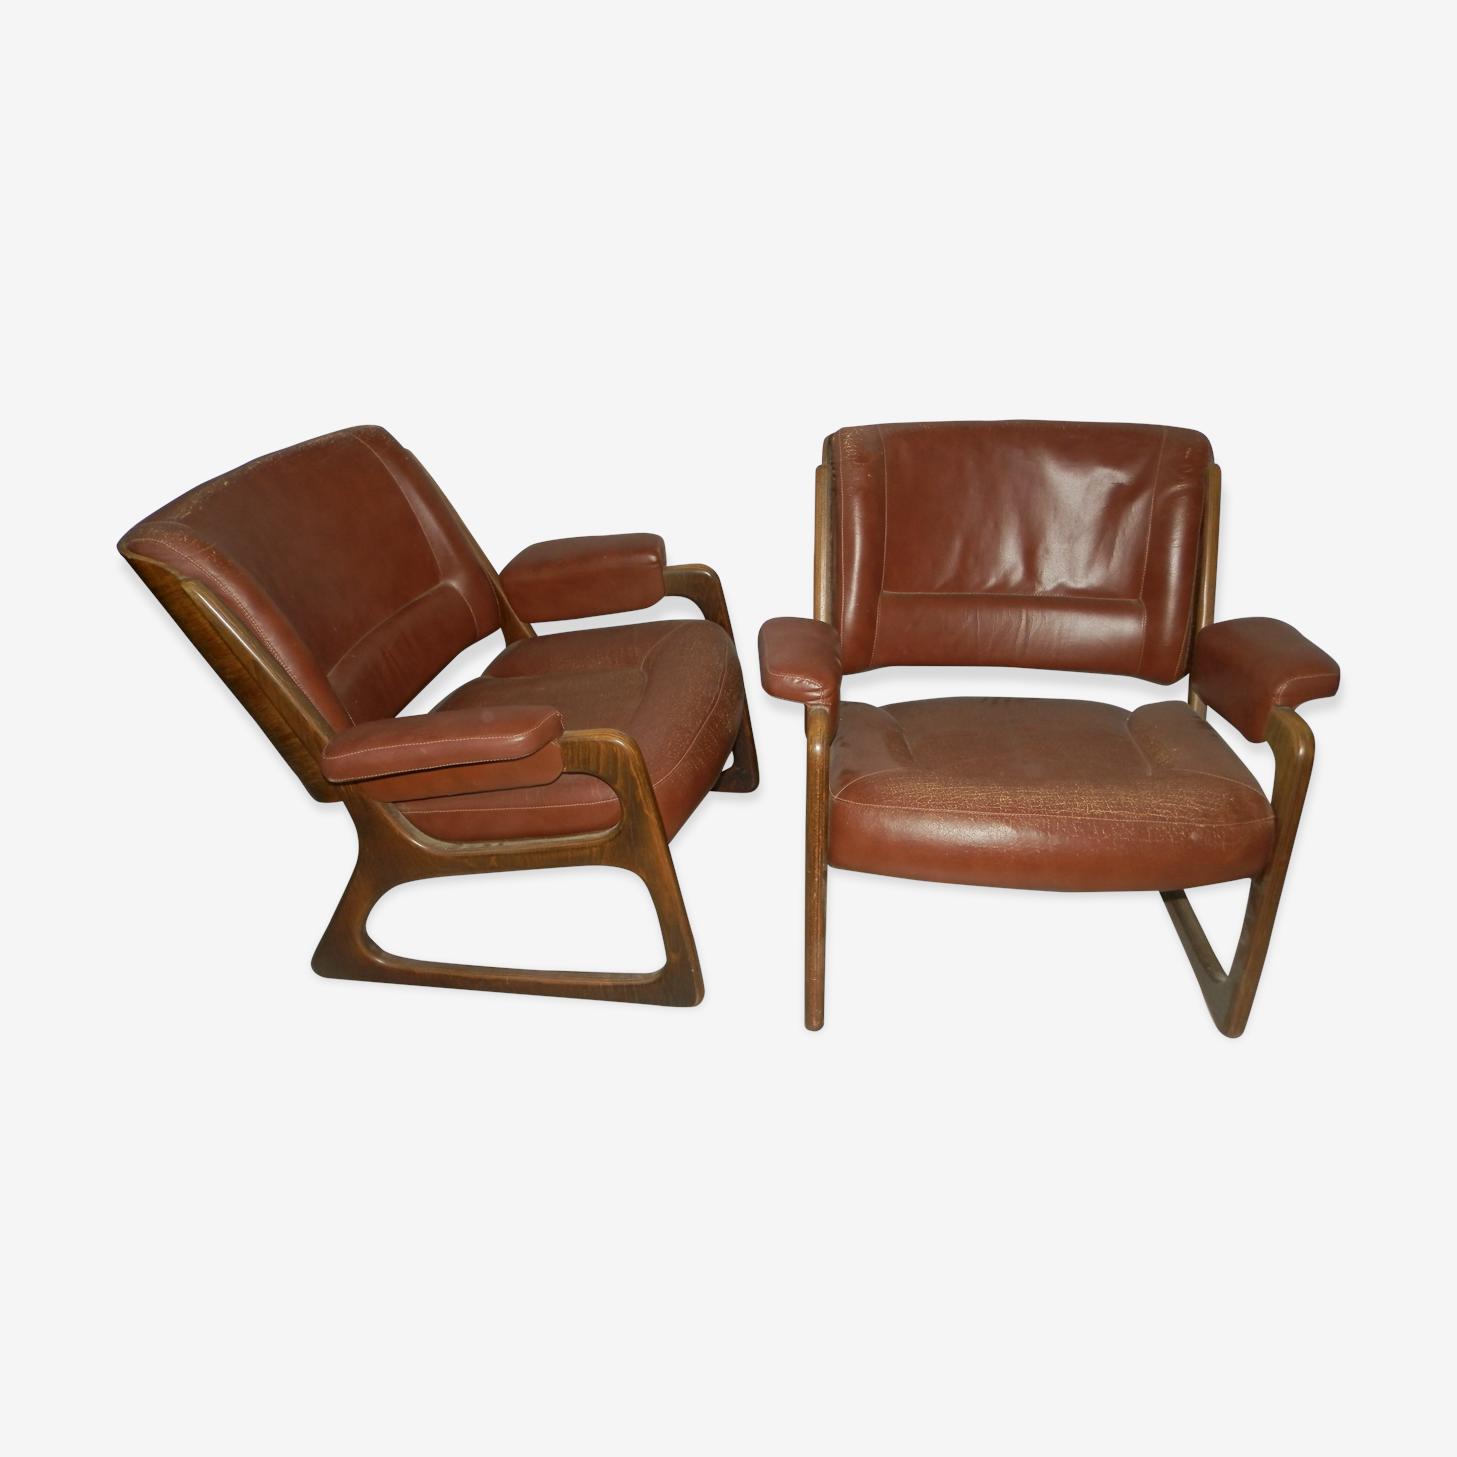 Paire de fauteuil baumann 1960 / 1970